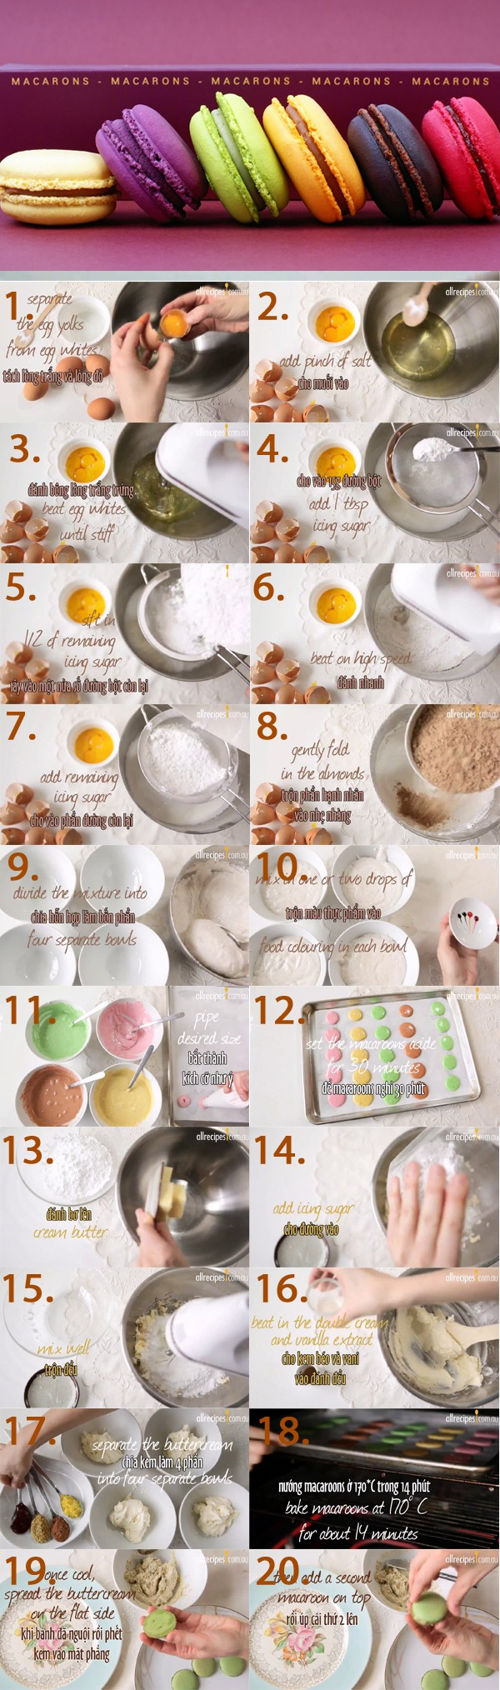 banh-macarons-8-9-16